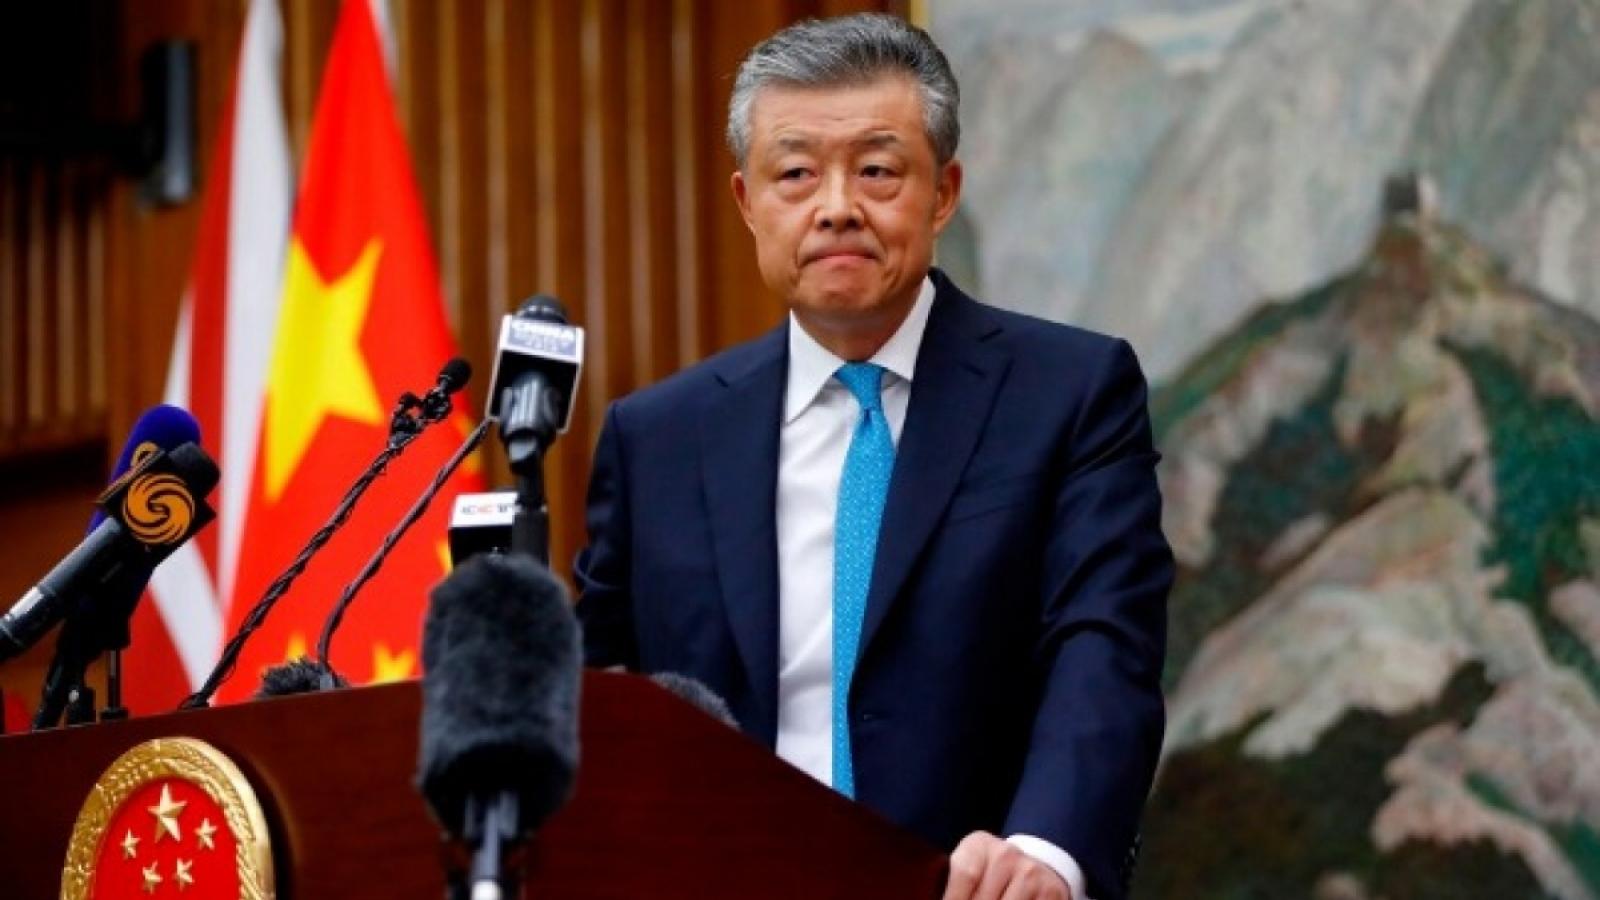 Trung Quốc và Nhật Bản điện đàm bàn về vấn đề bán đảo Triều Tiên